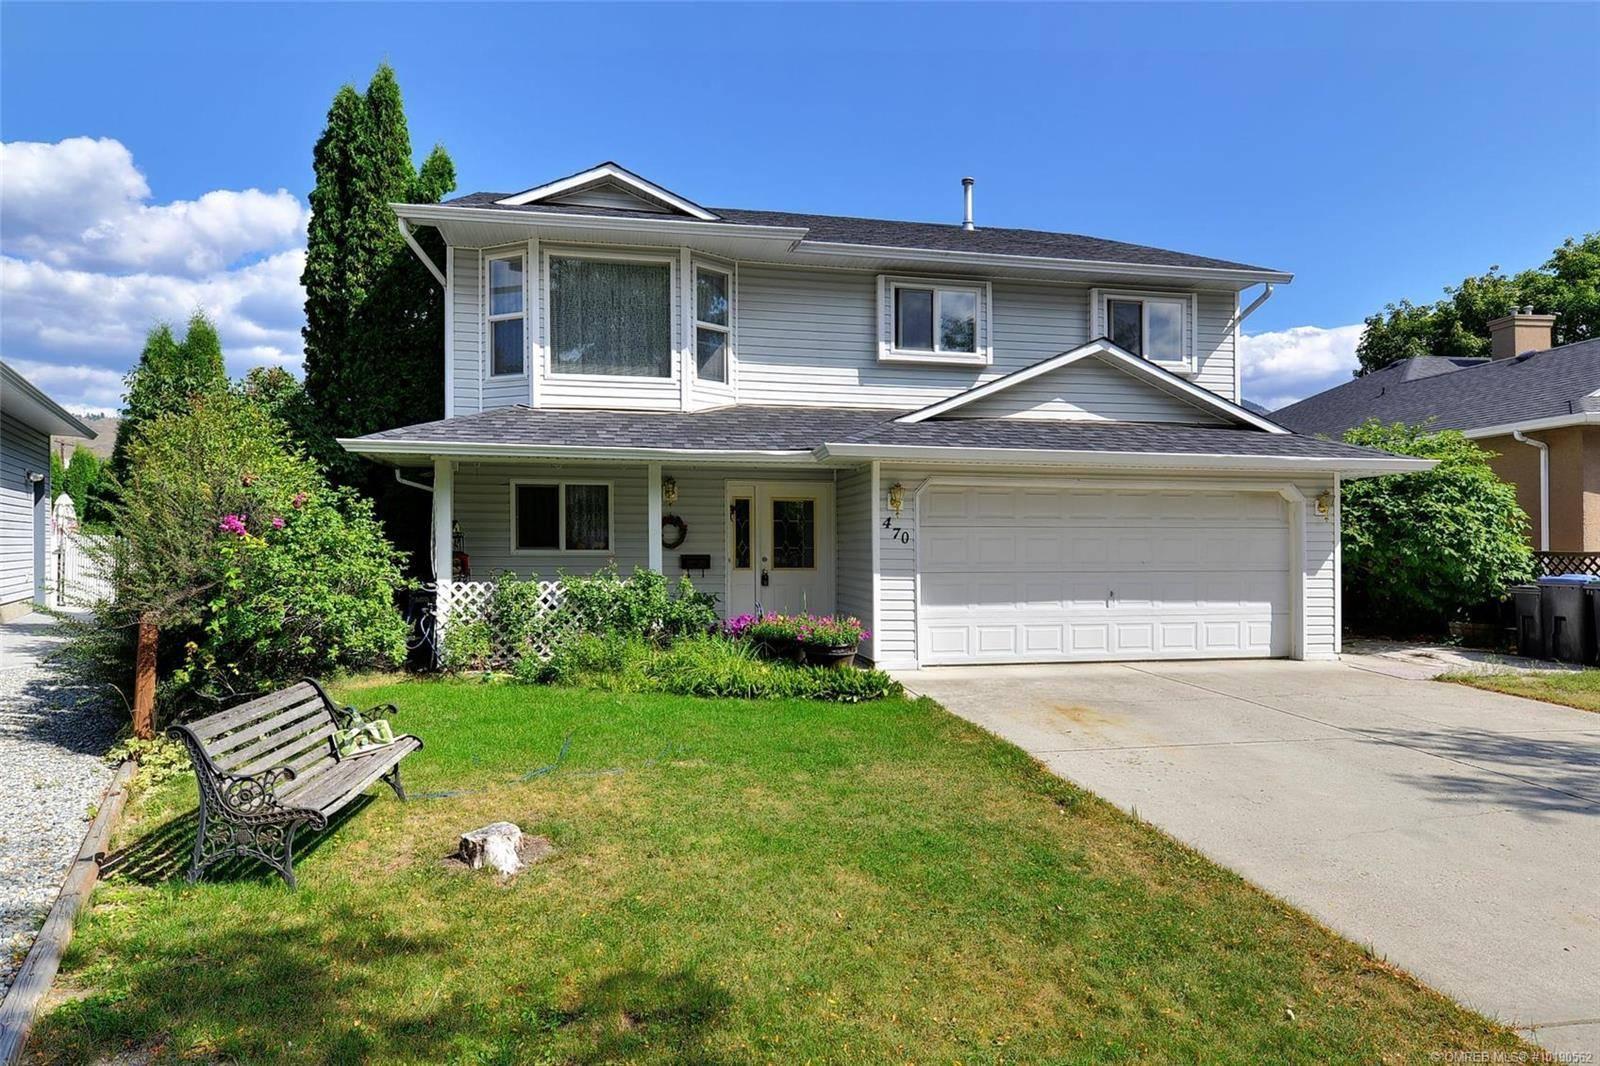 House for sale at 470 Parfitt Ct Kelowna British Columbia - MLS: 10190562